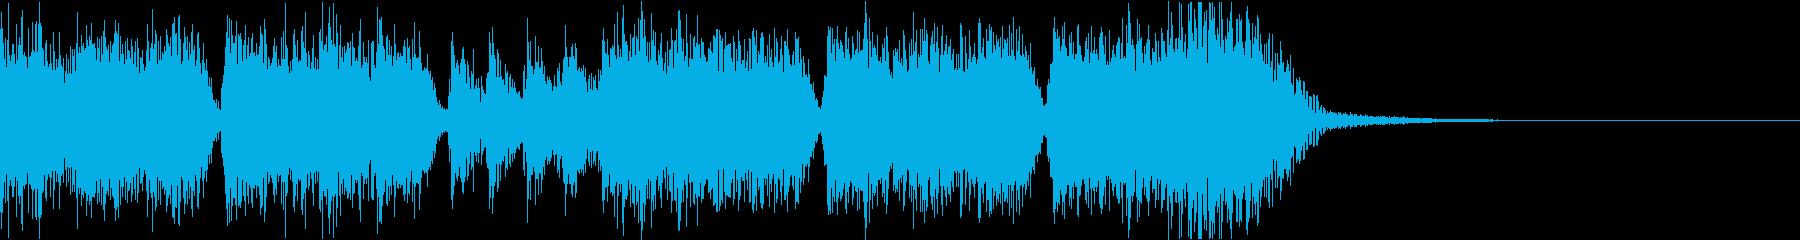 エネルギッシュ・ロックなサウンドロゴ04の再生済みの波形